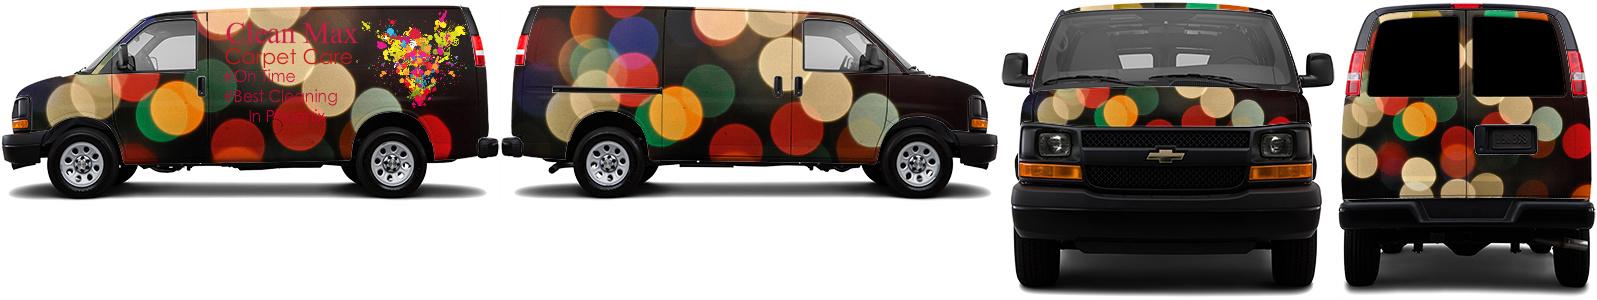 Cargo Van Wrap #51823